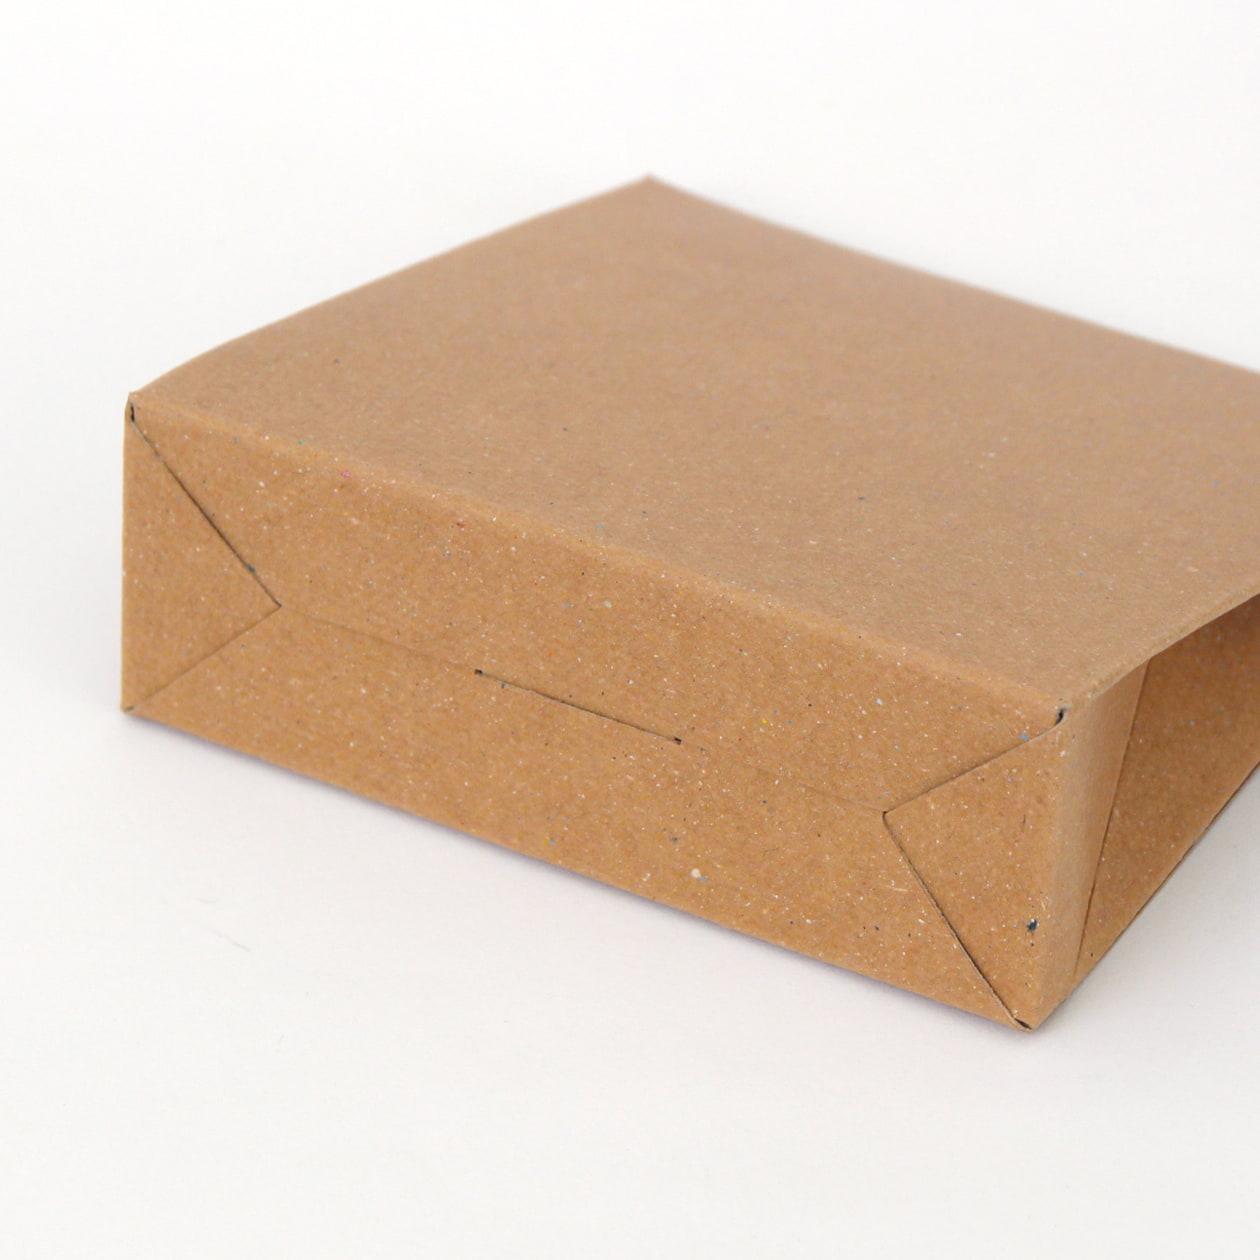 角底箱ロック式90×90×30 ボード紙 ブラウン 270g